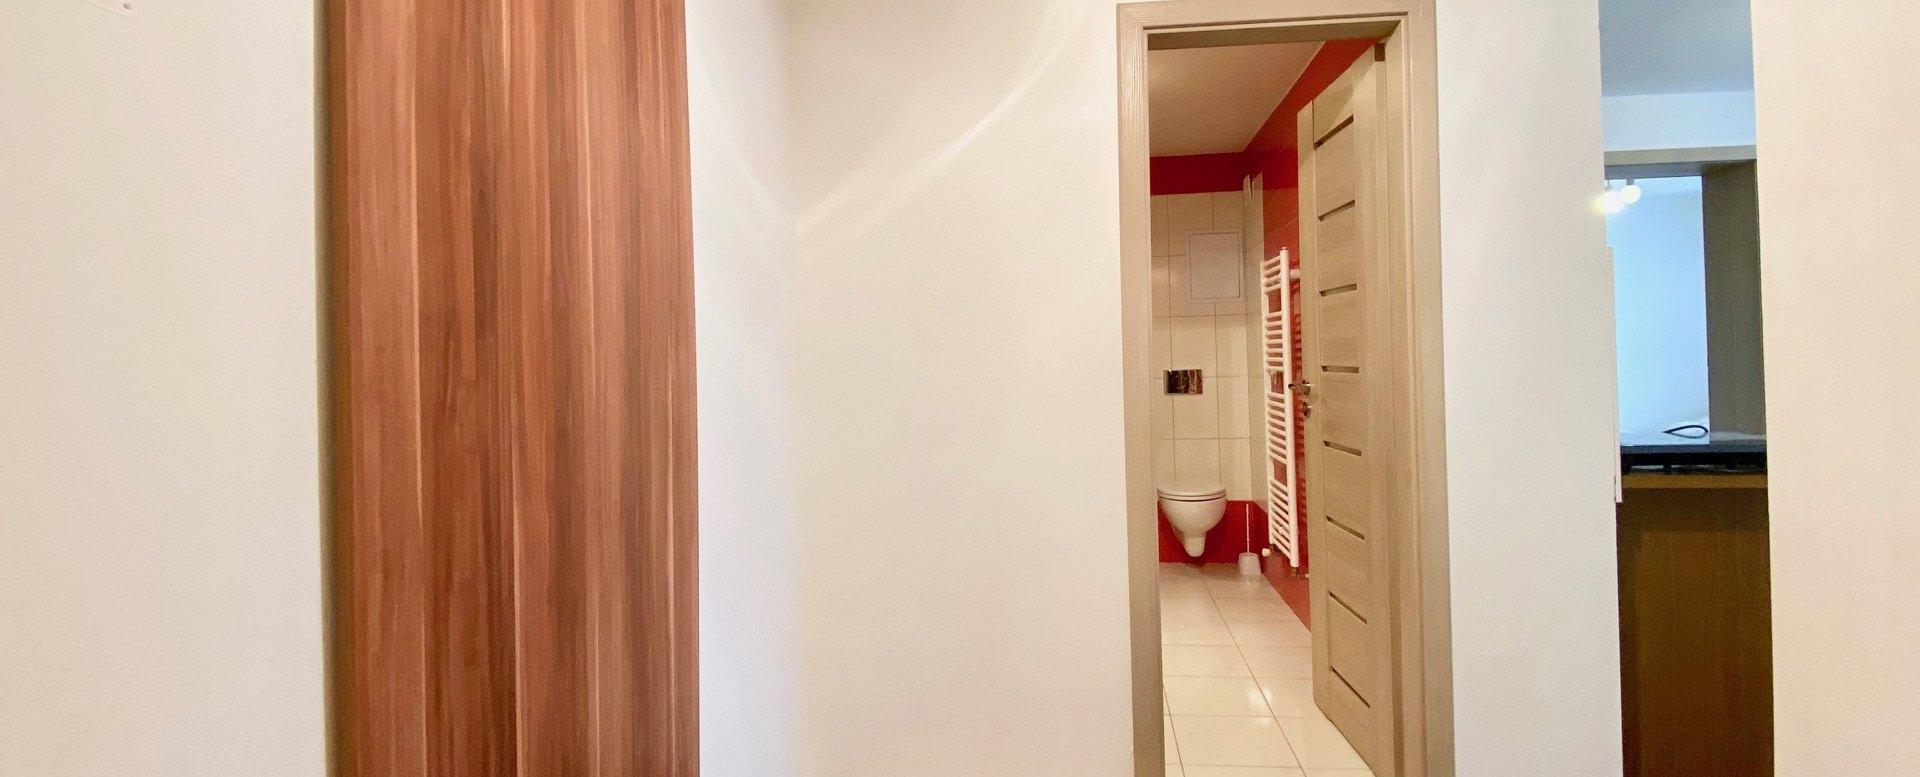 vstup do bytu a pohľad do kúpeľne